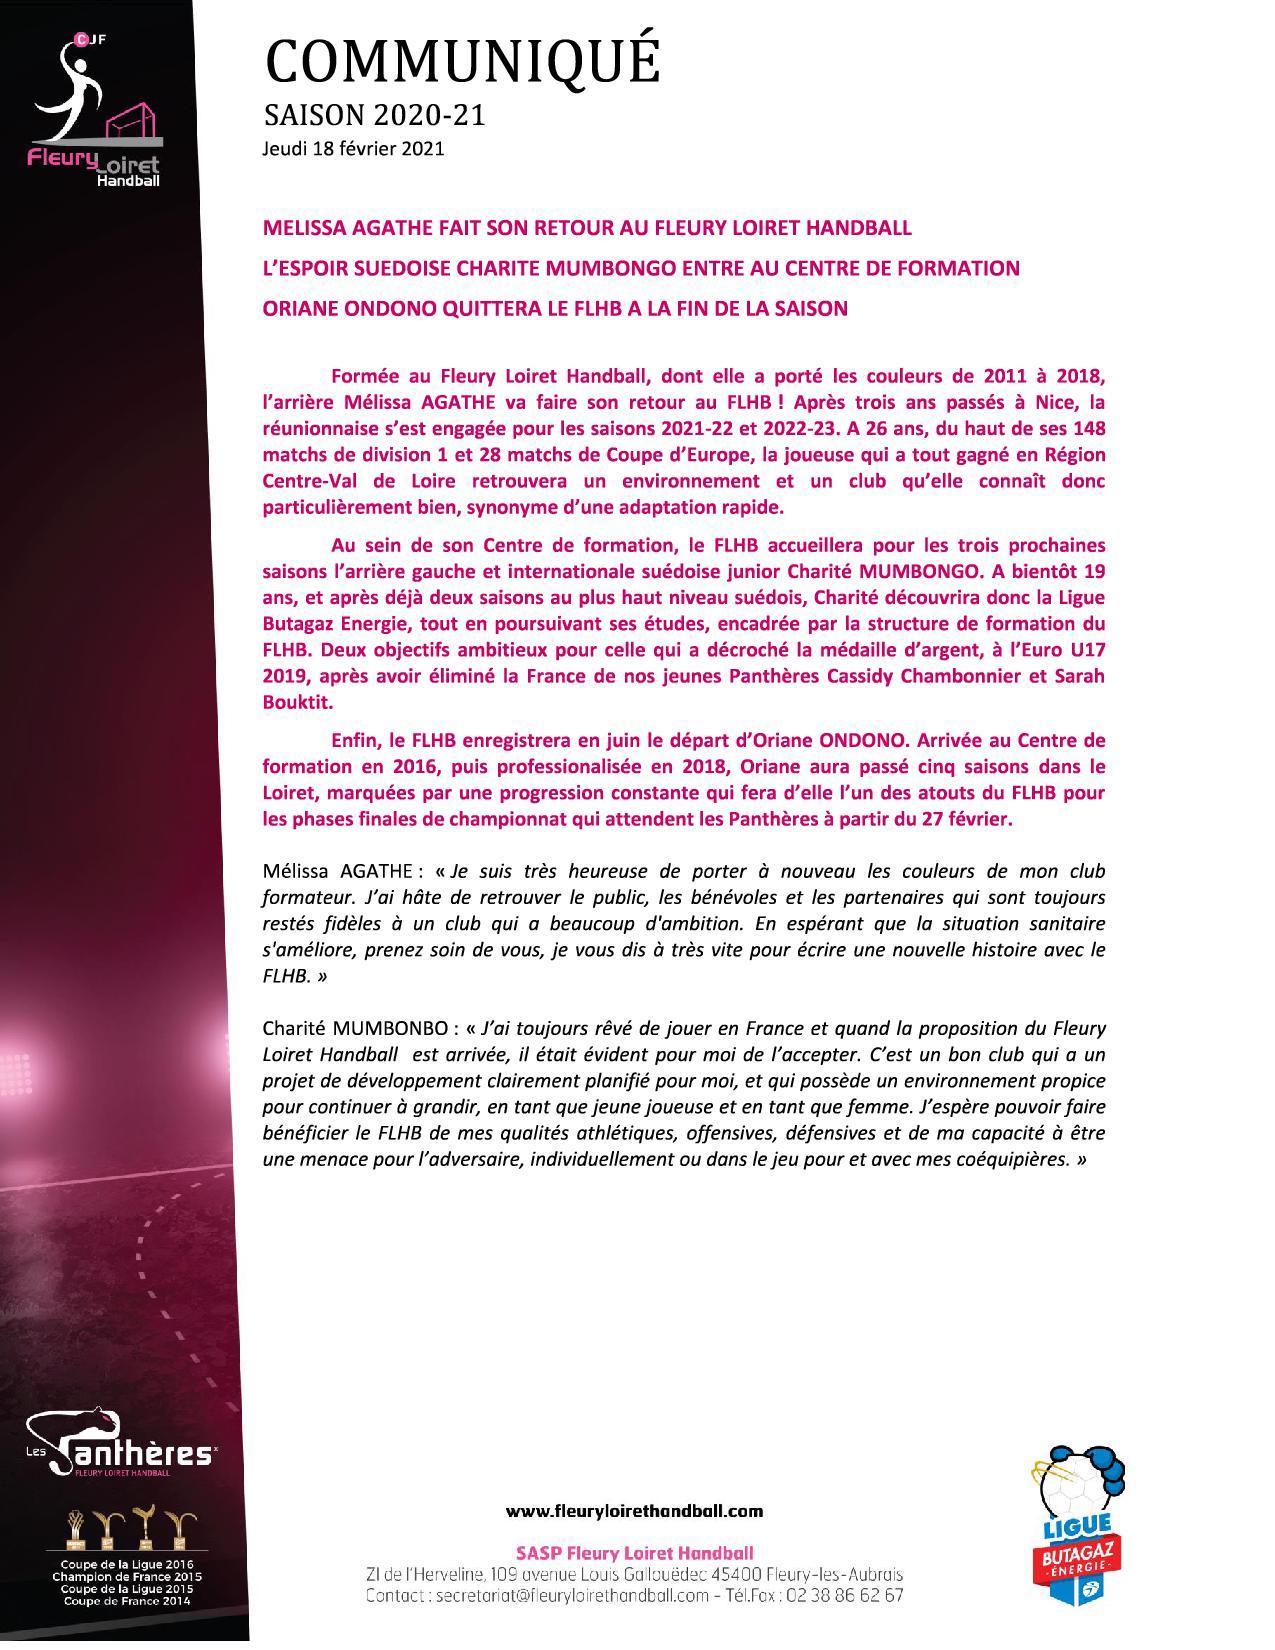 Communiqué du Fleury Loiret Handball - Jeudi 18 février 20211.jpg